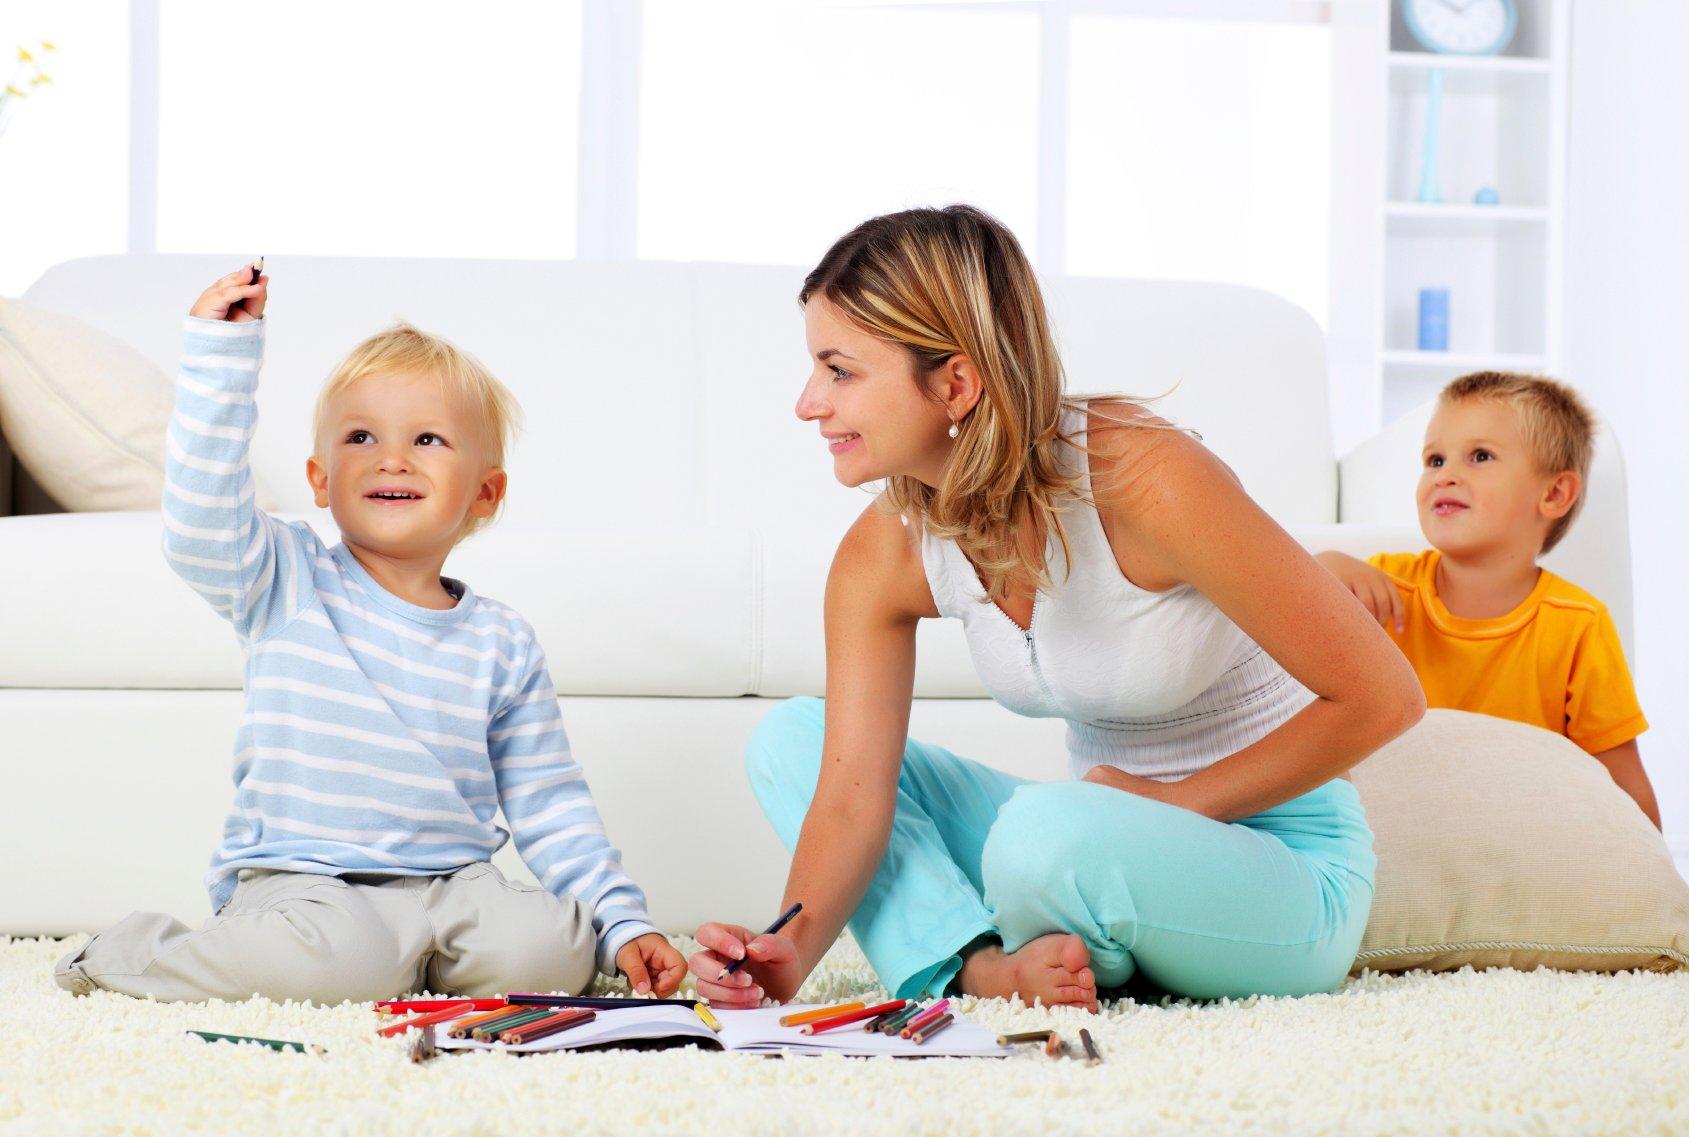 Первые уроки естественного воспитания, или детство без болезней. Б. П. Никитин